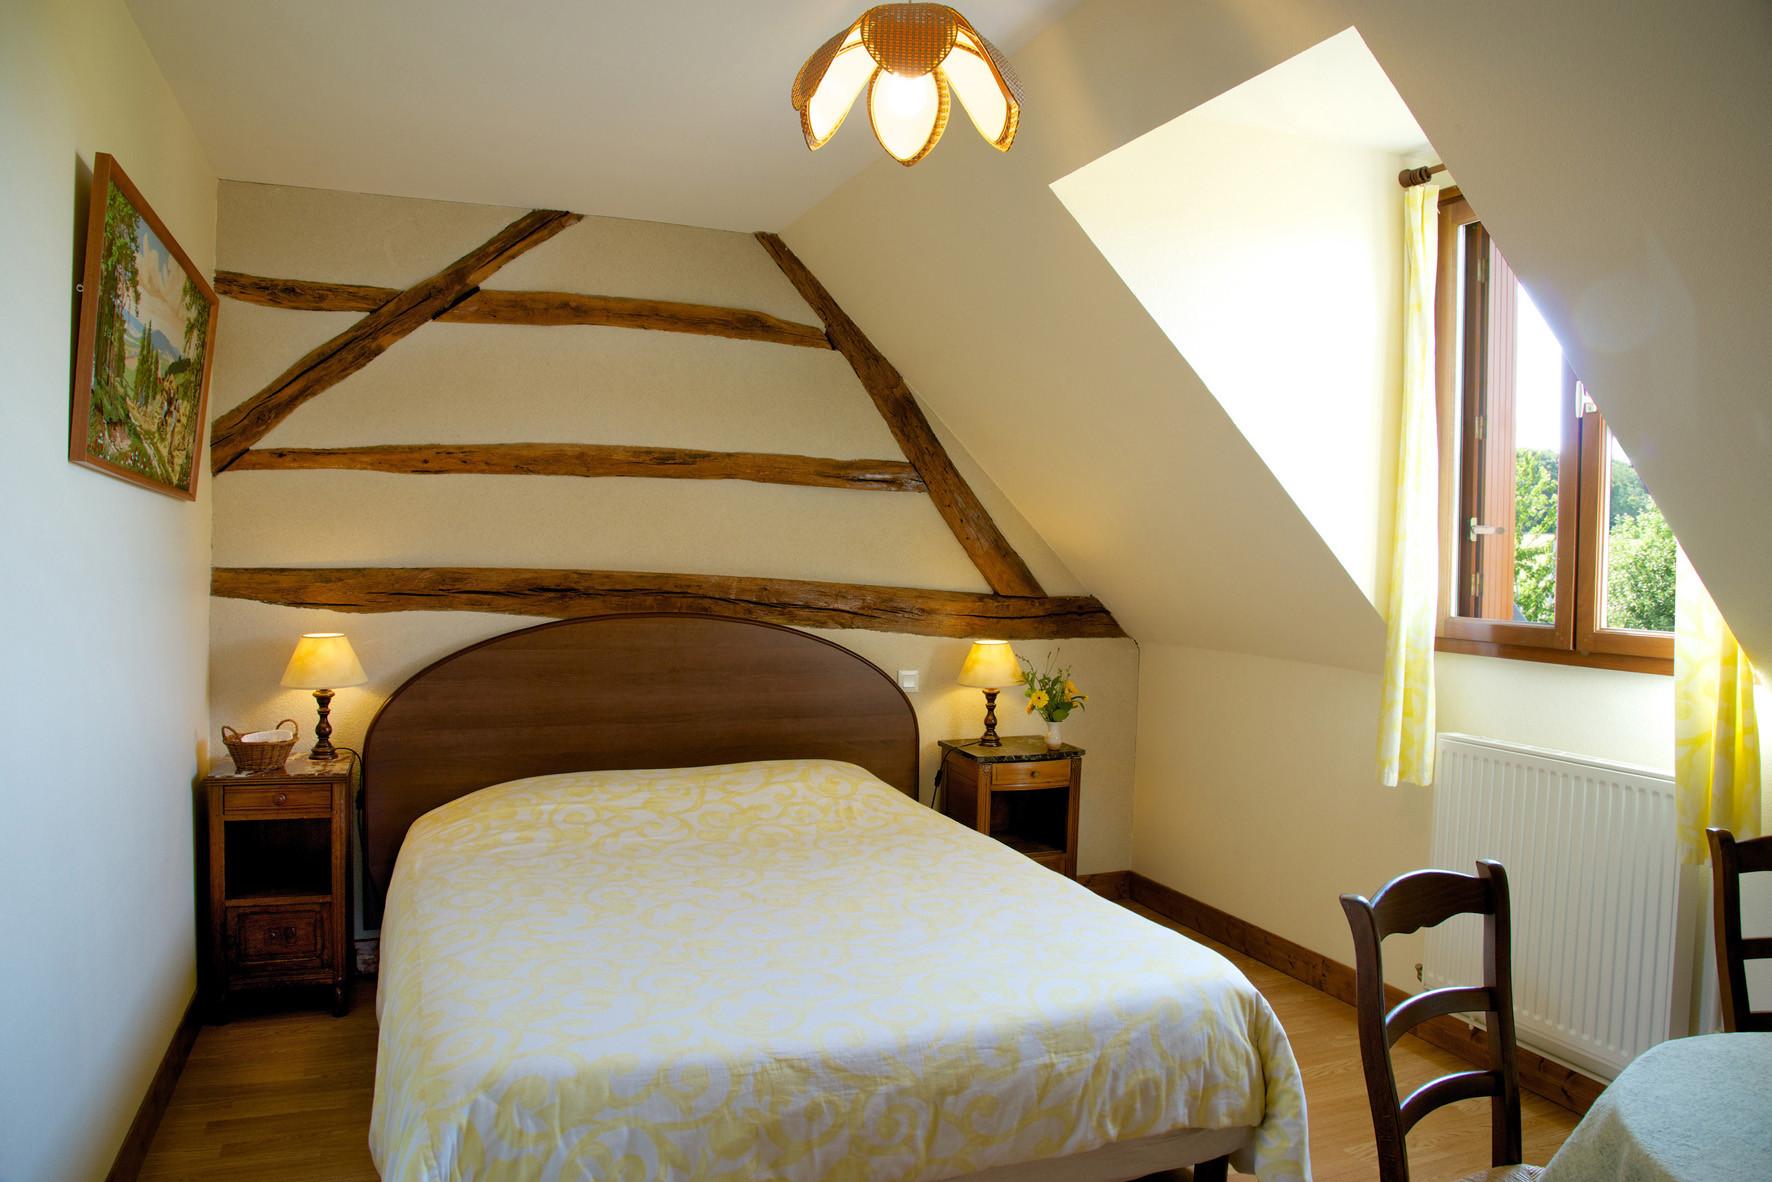 lit 2 personnes,  1ère partie, chambre familiale bouton d'or